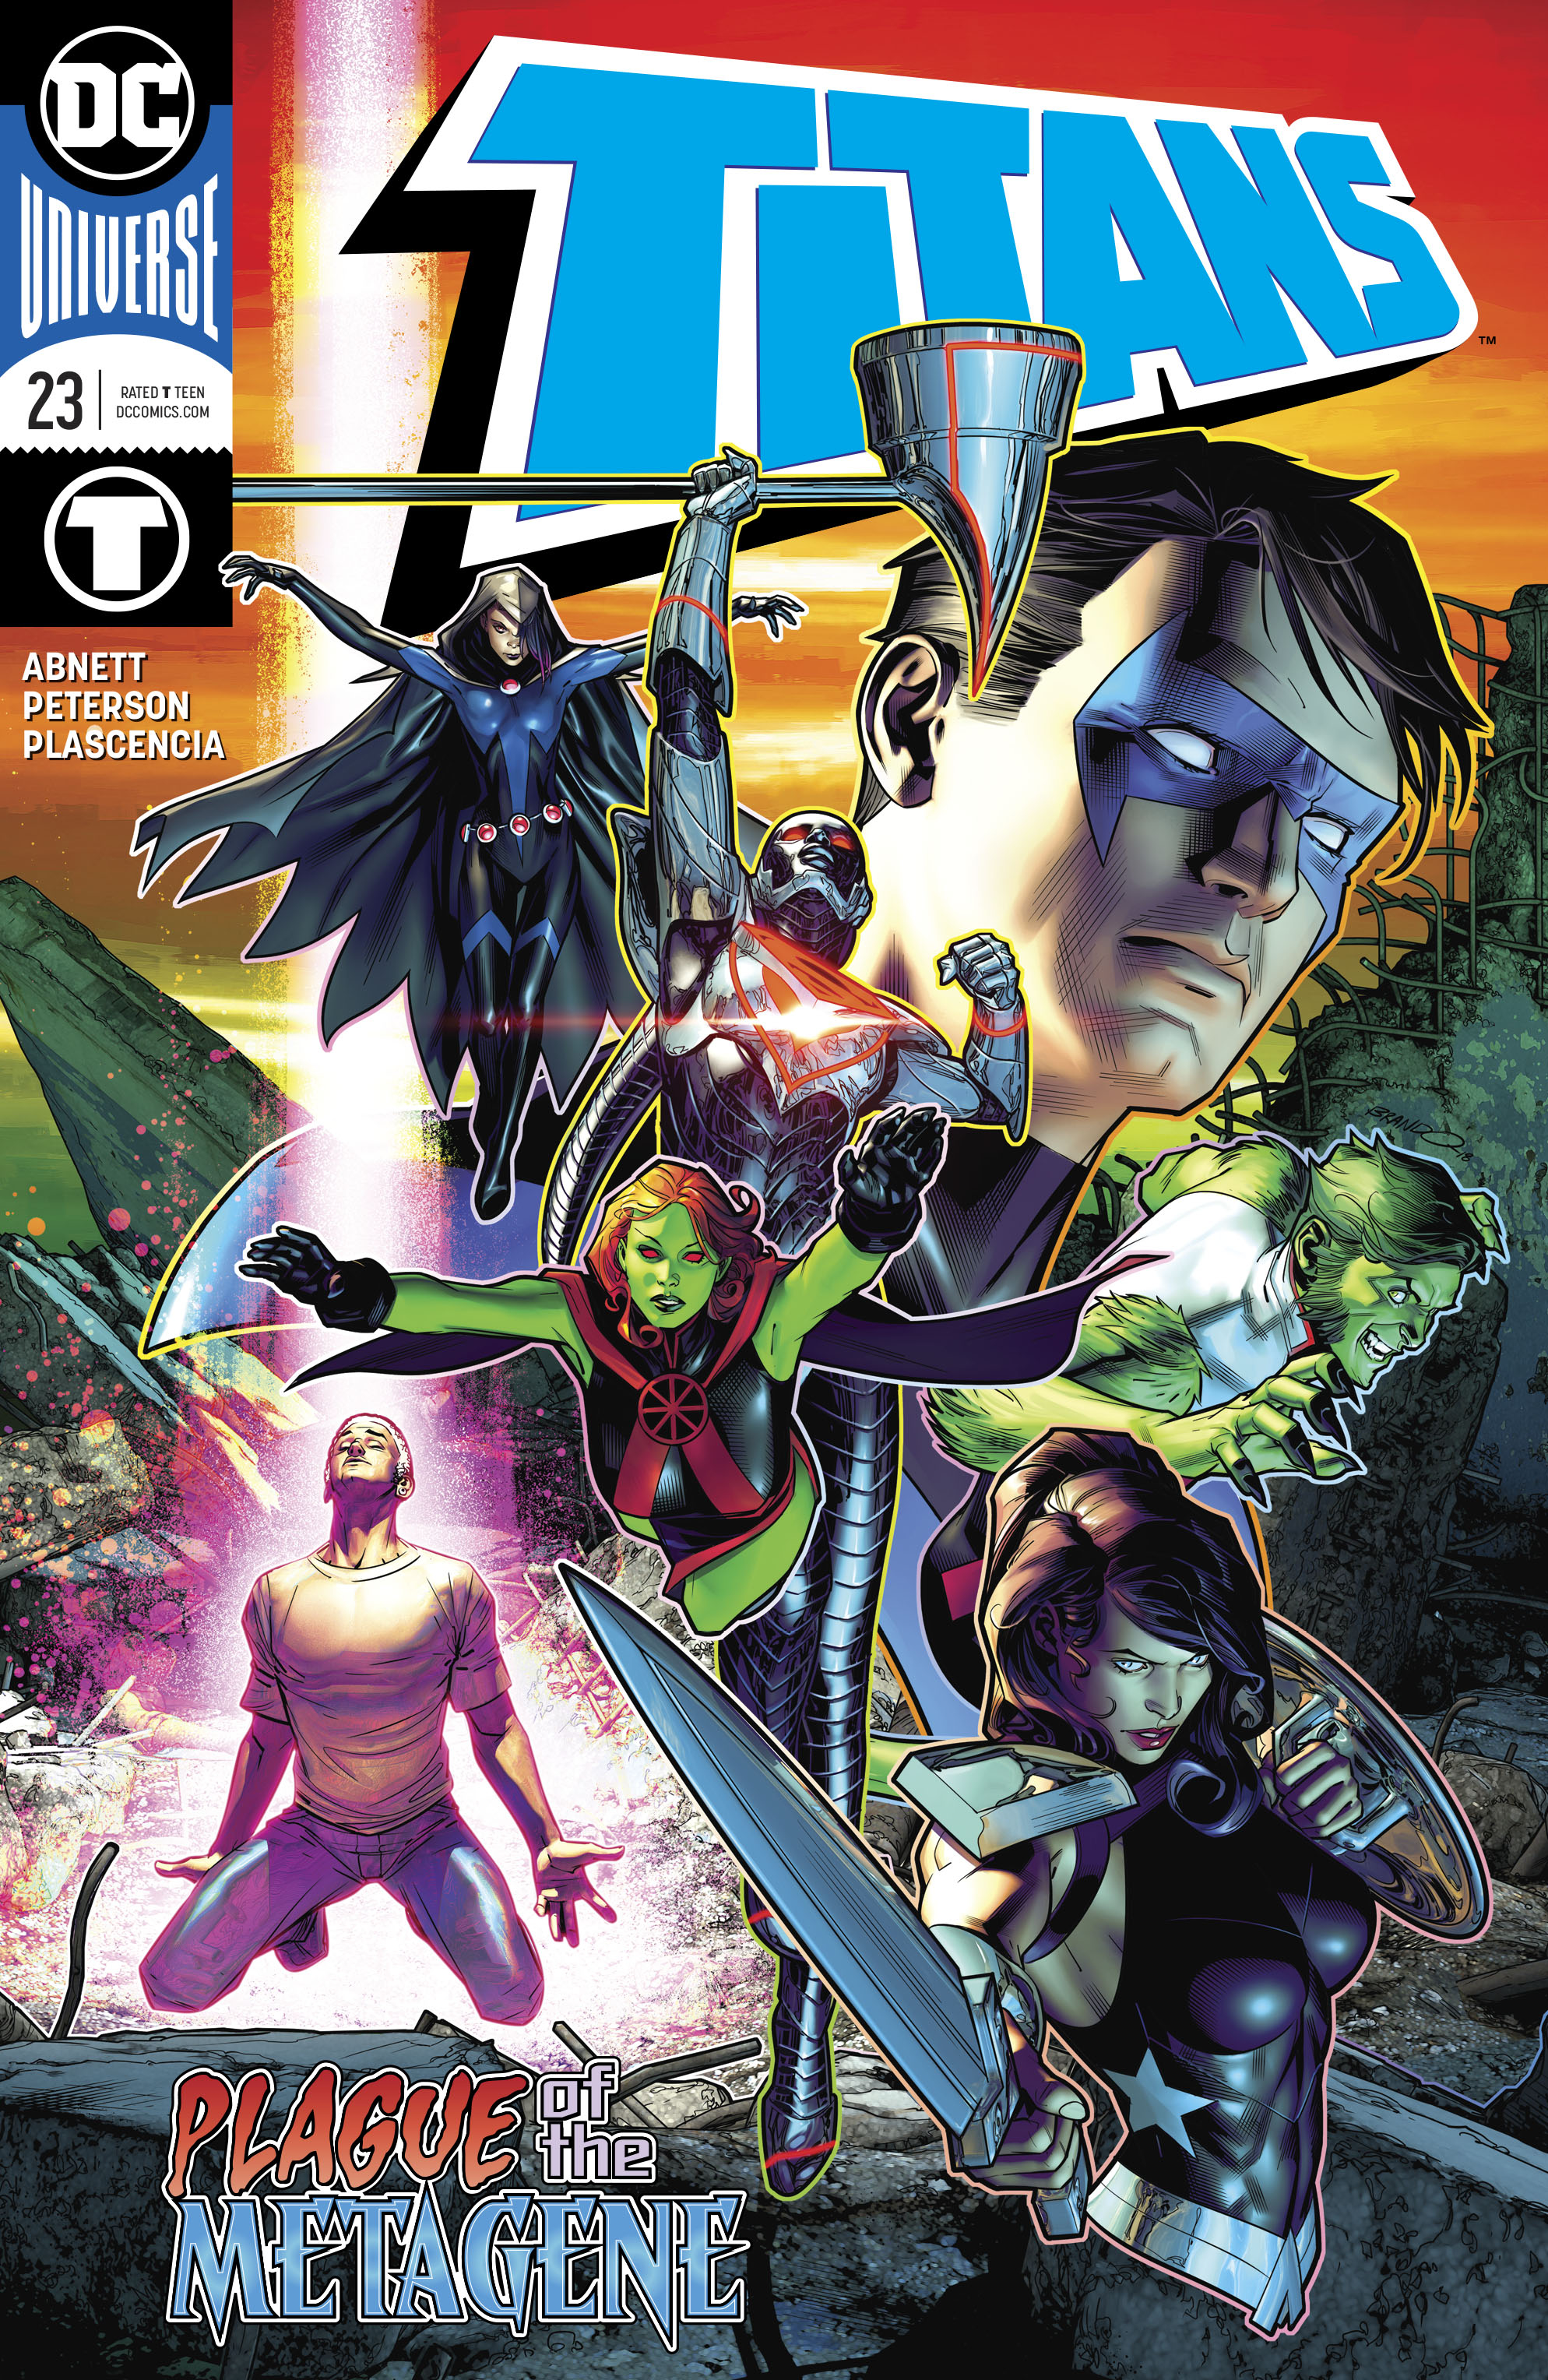 TITANS #23